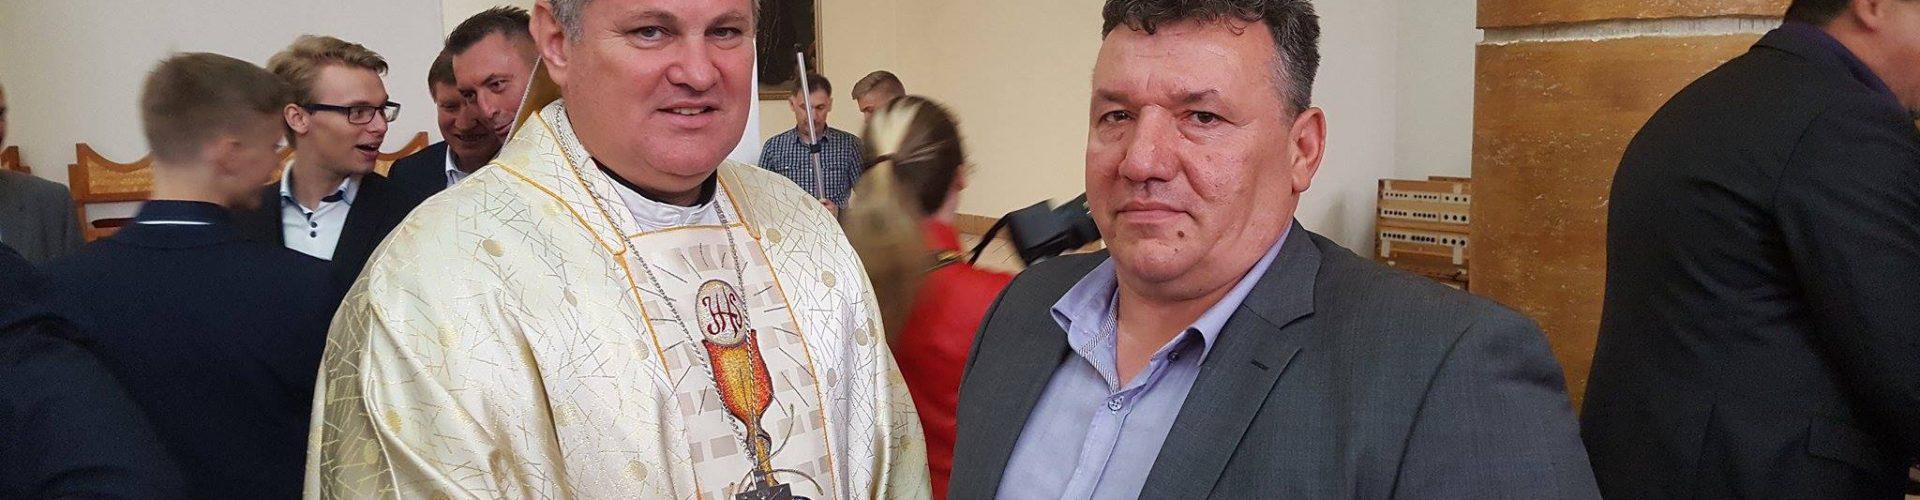 Biskup Košić podijelio Svetu potvrdu glinskim krizmanicima